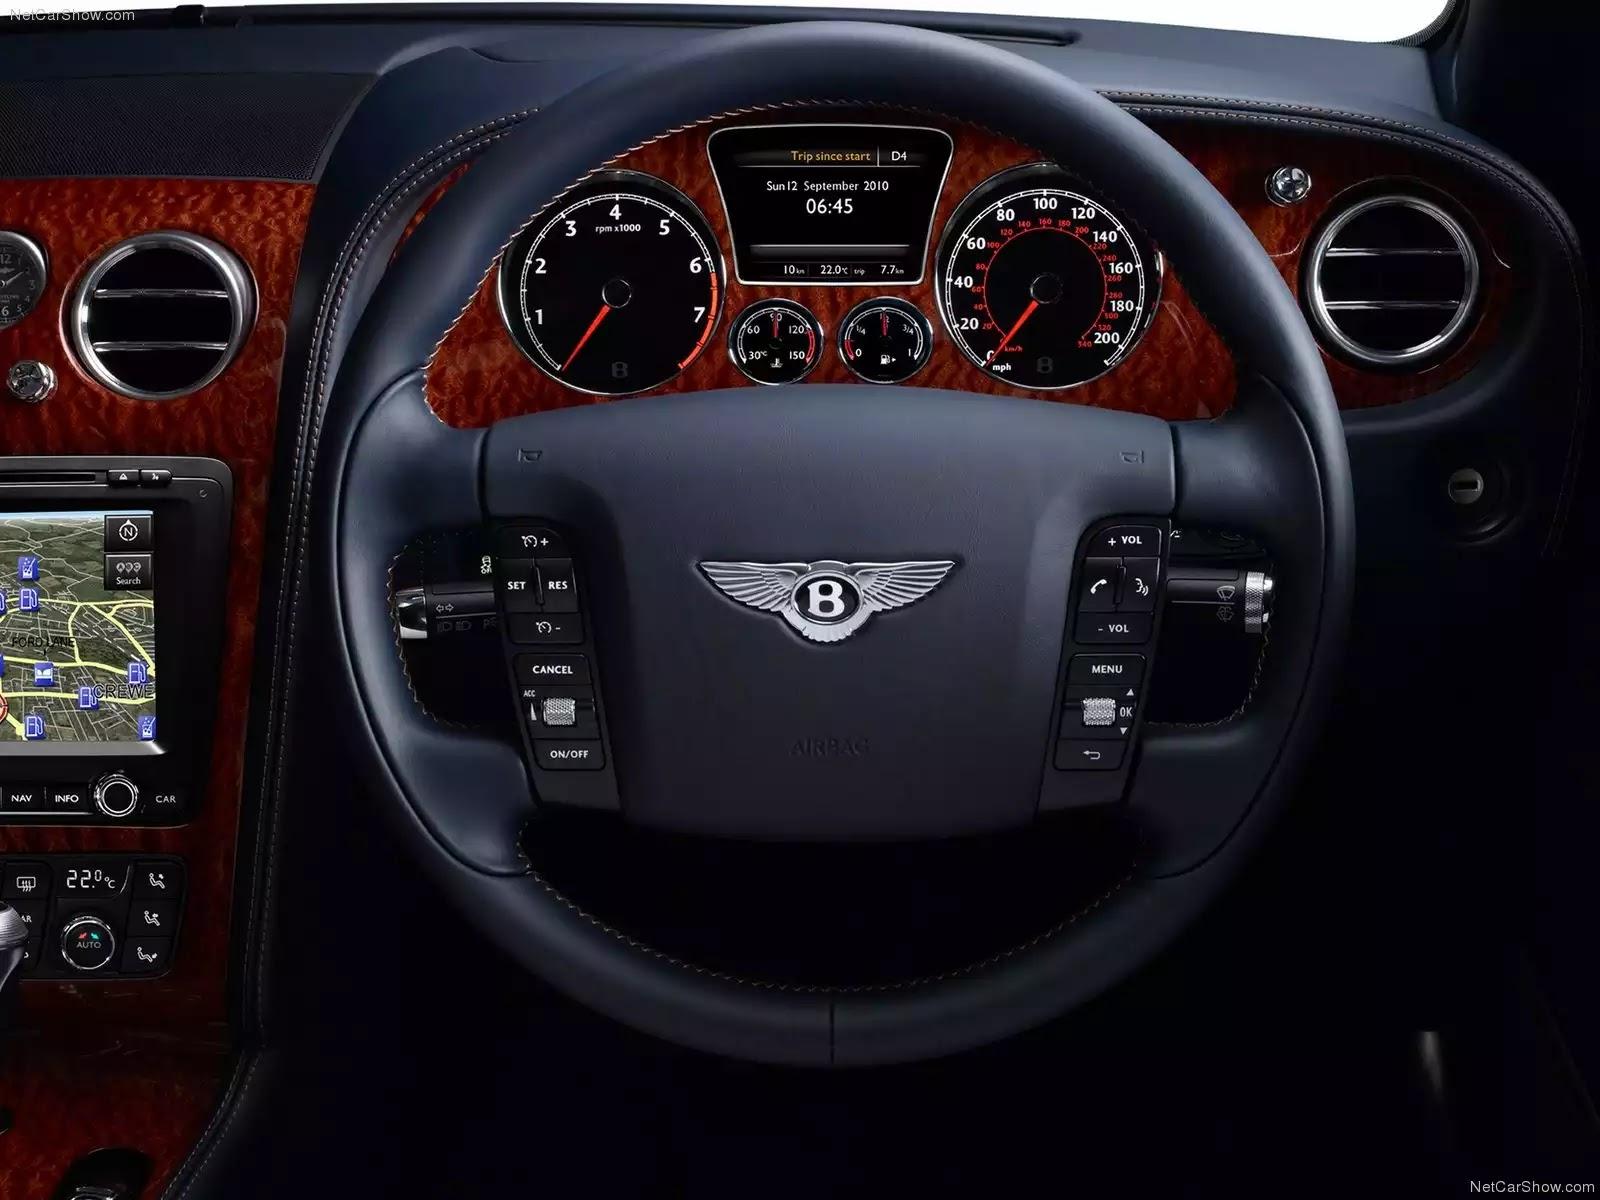 Hình ảnh xe ô tô Bentley Continental Flying Spur Series 51 2012 & nội ngoại thất